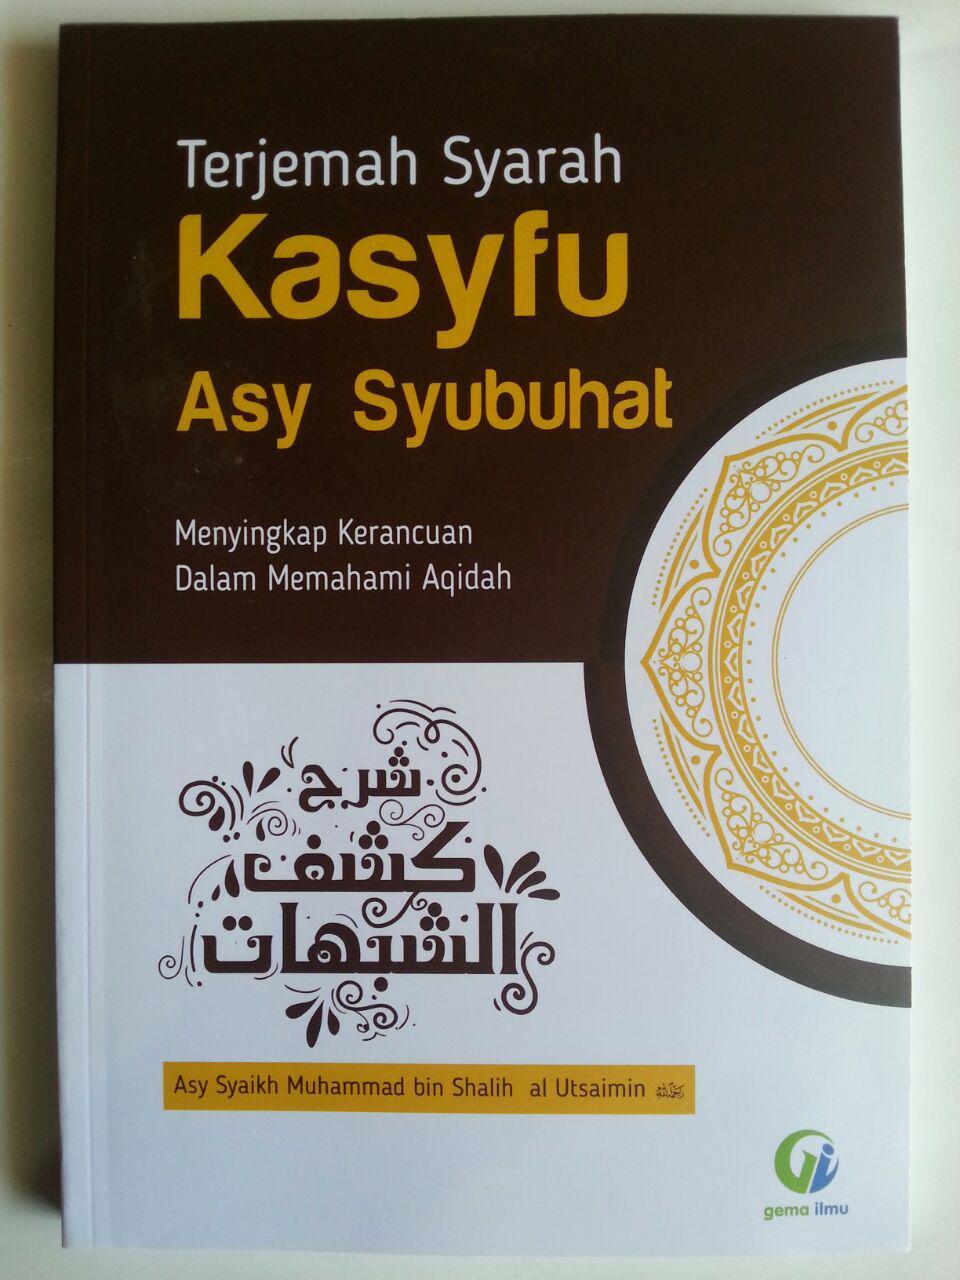 Buku Terjemah Syarah Kasyfu Asy Syubuhat Kerancuan Aqidah cover 2